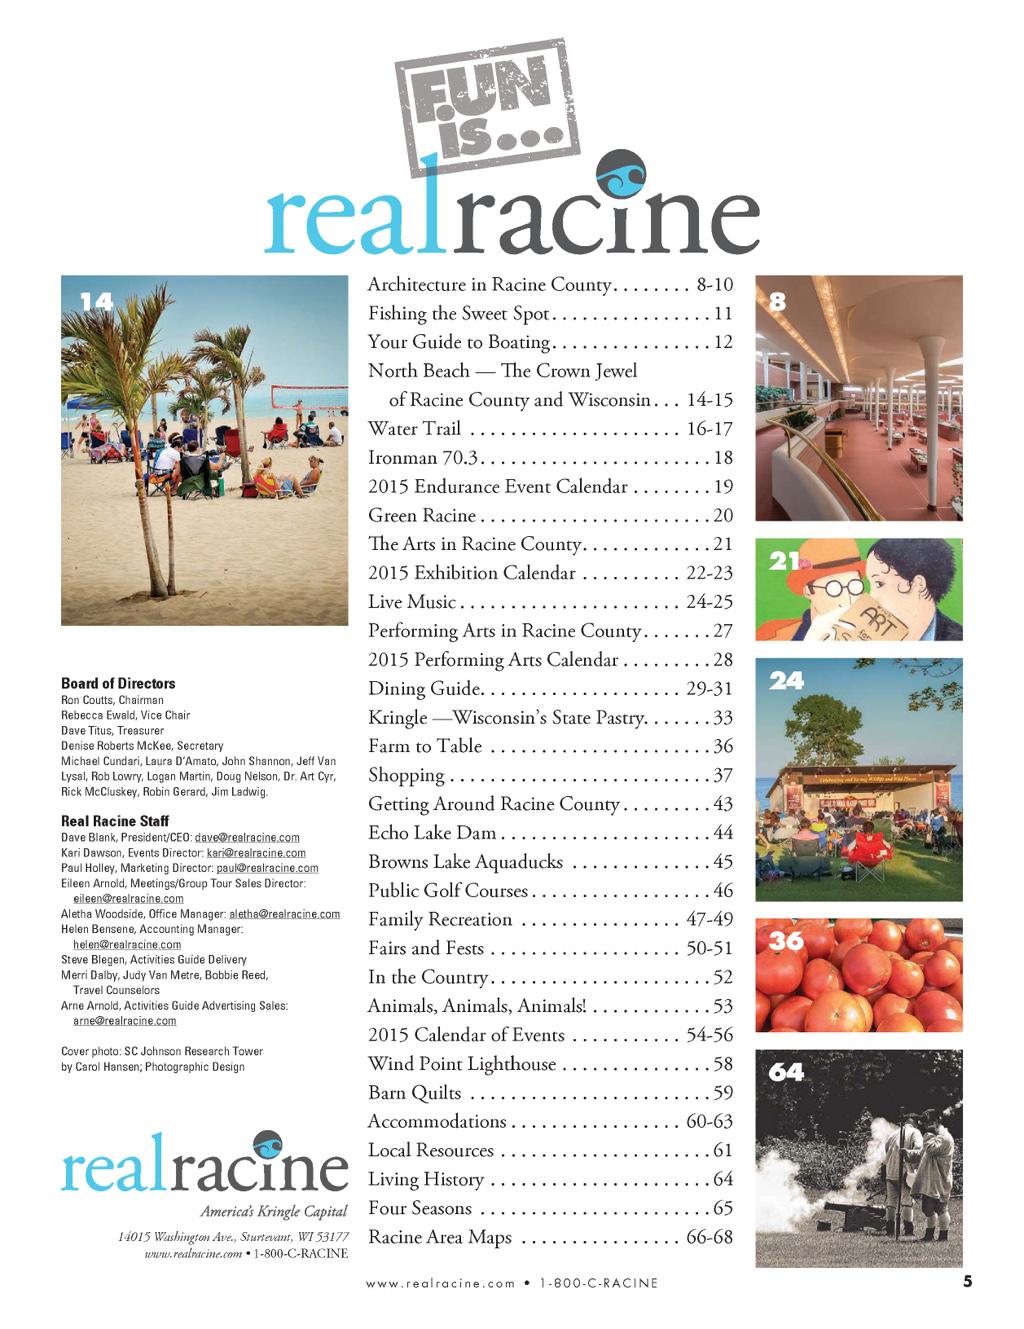 real racine real racine 2015 activities guide bluetoad